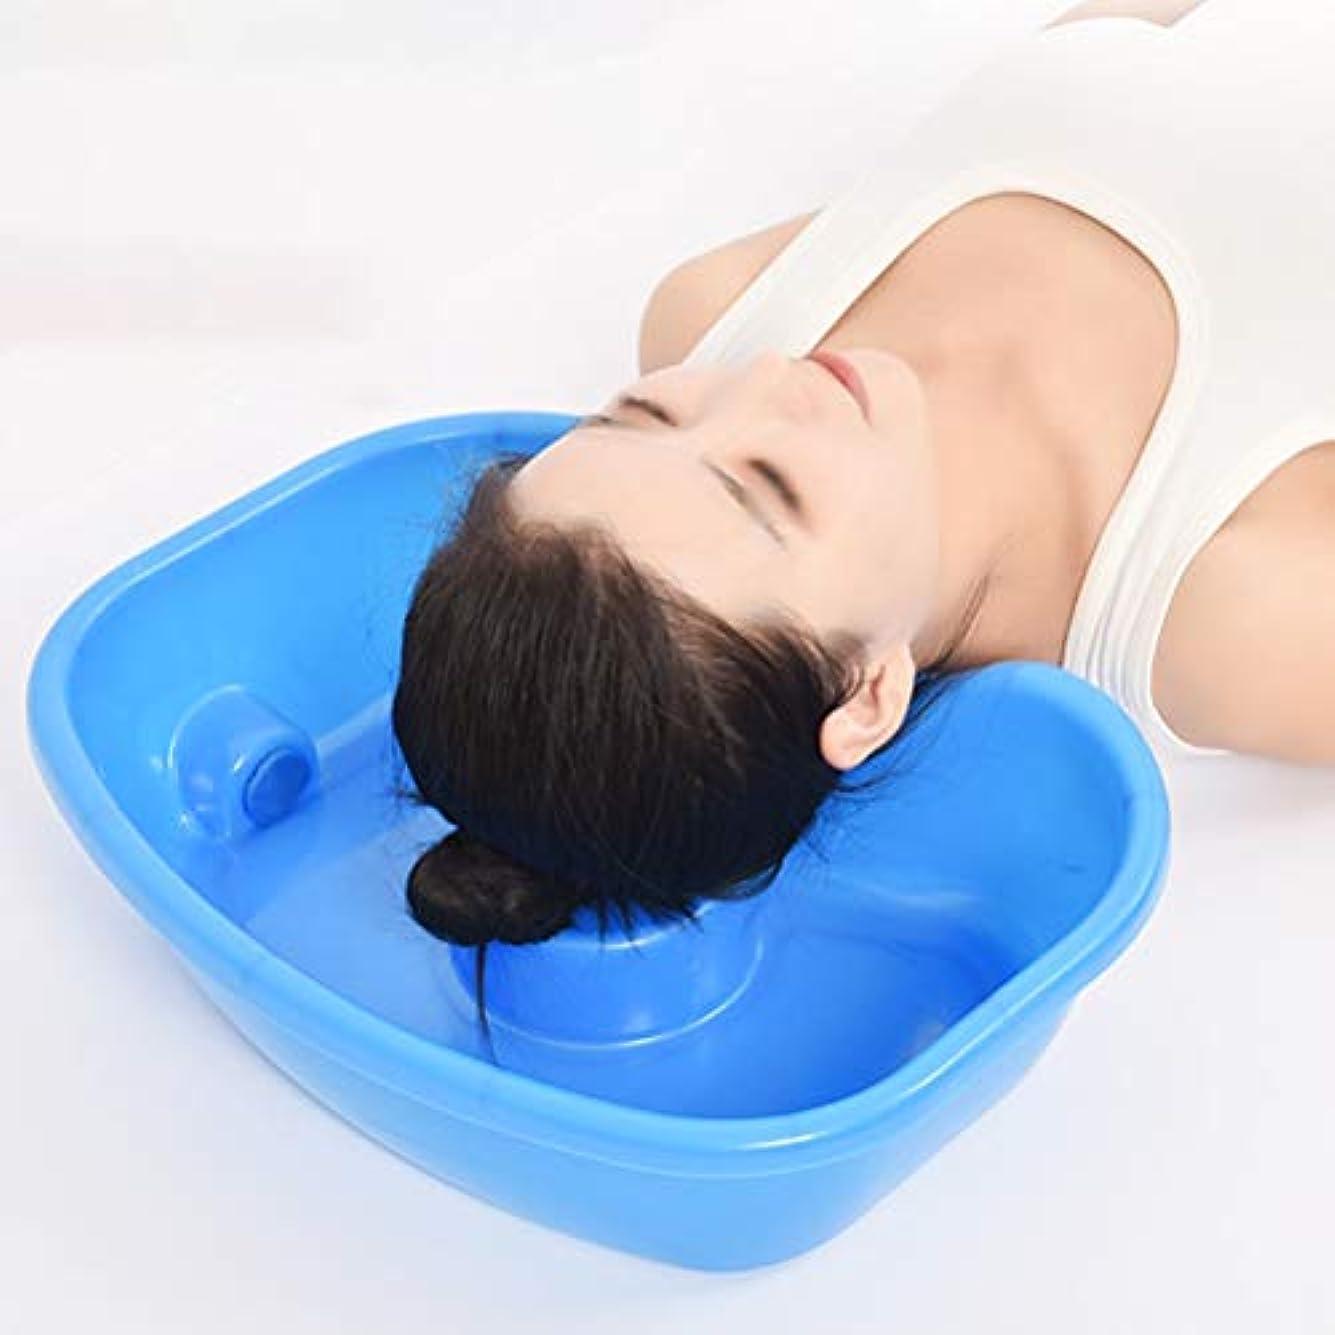 内側成人期サロン寝たきり患者障害者高齢者Pregnencyのためにベッドでシャンプーボウル、医療ベッドシャンプー盆地ウォッシュ髪をベッドサイド